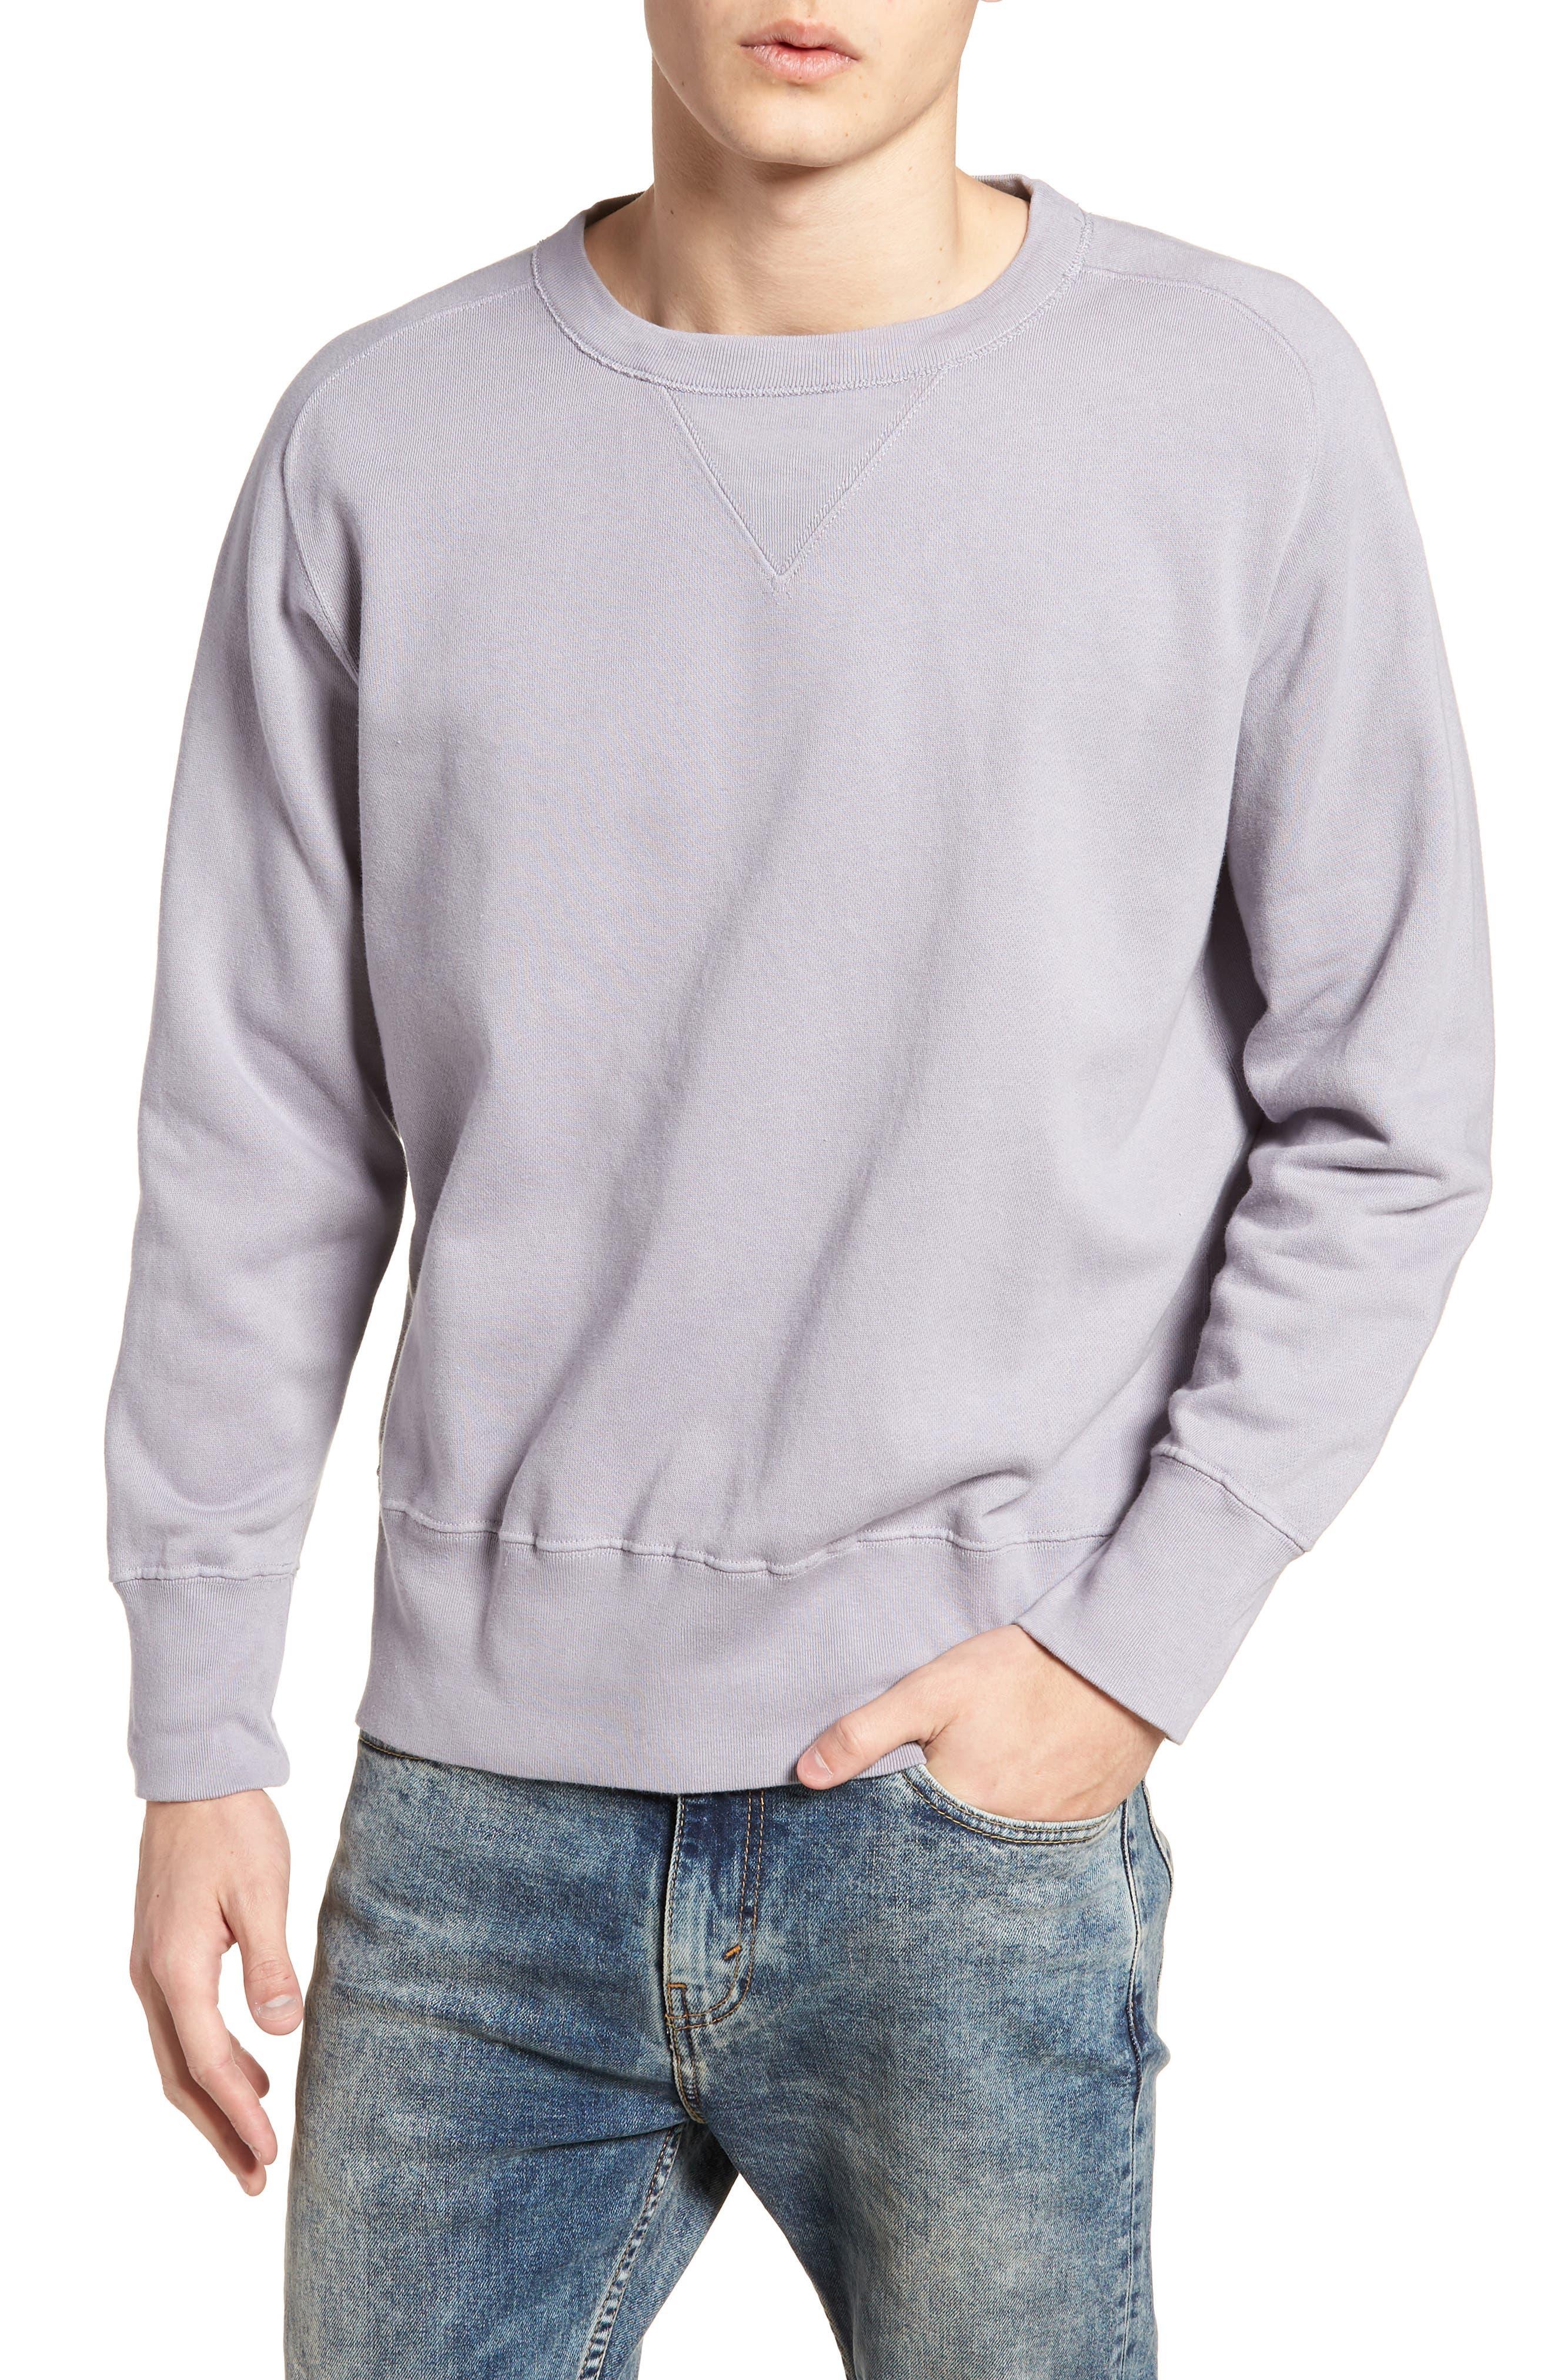 Bay Meadows Sweatshirt,                         Main,                         color, Quiksilver